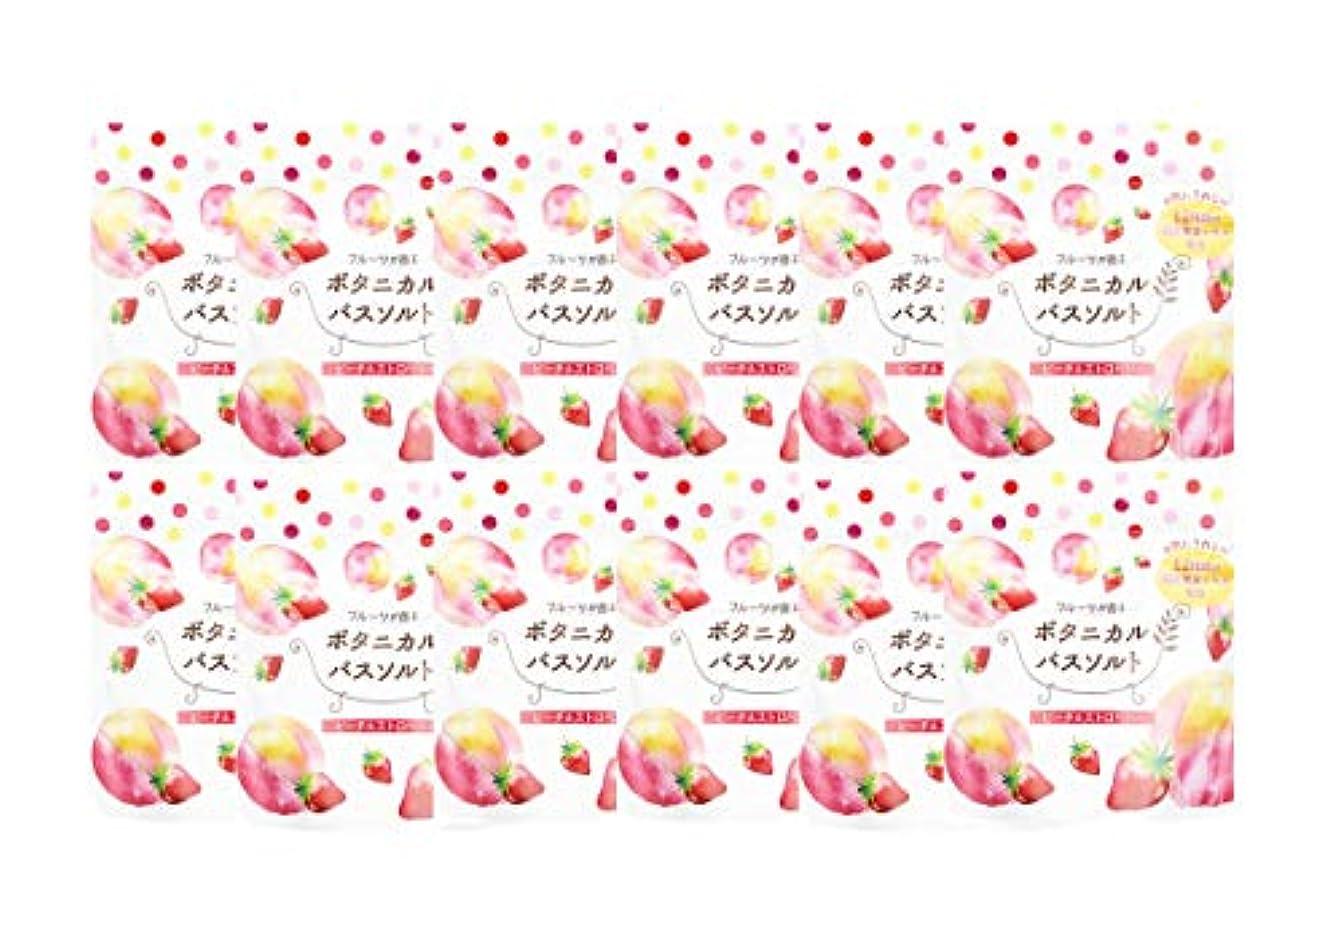 株式会社全能石松田医薬品 フルーツが香るボタニカルバスソルト ピーチ&ストロベリー 30g 12個セット